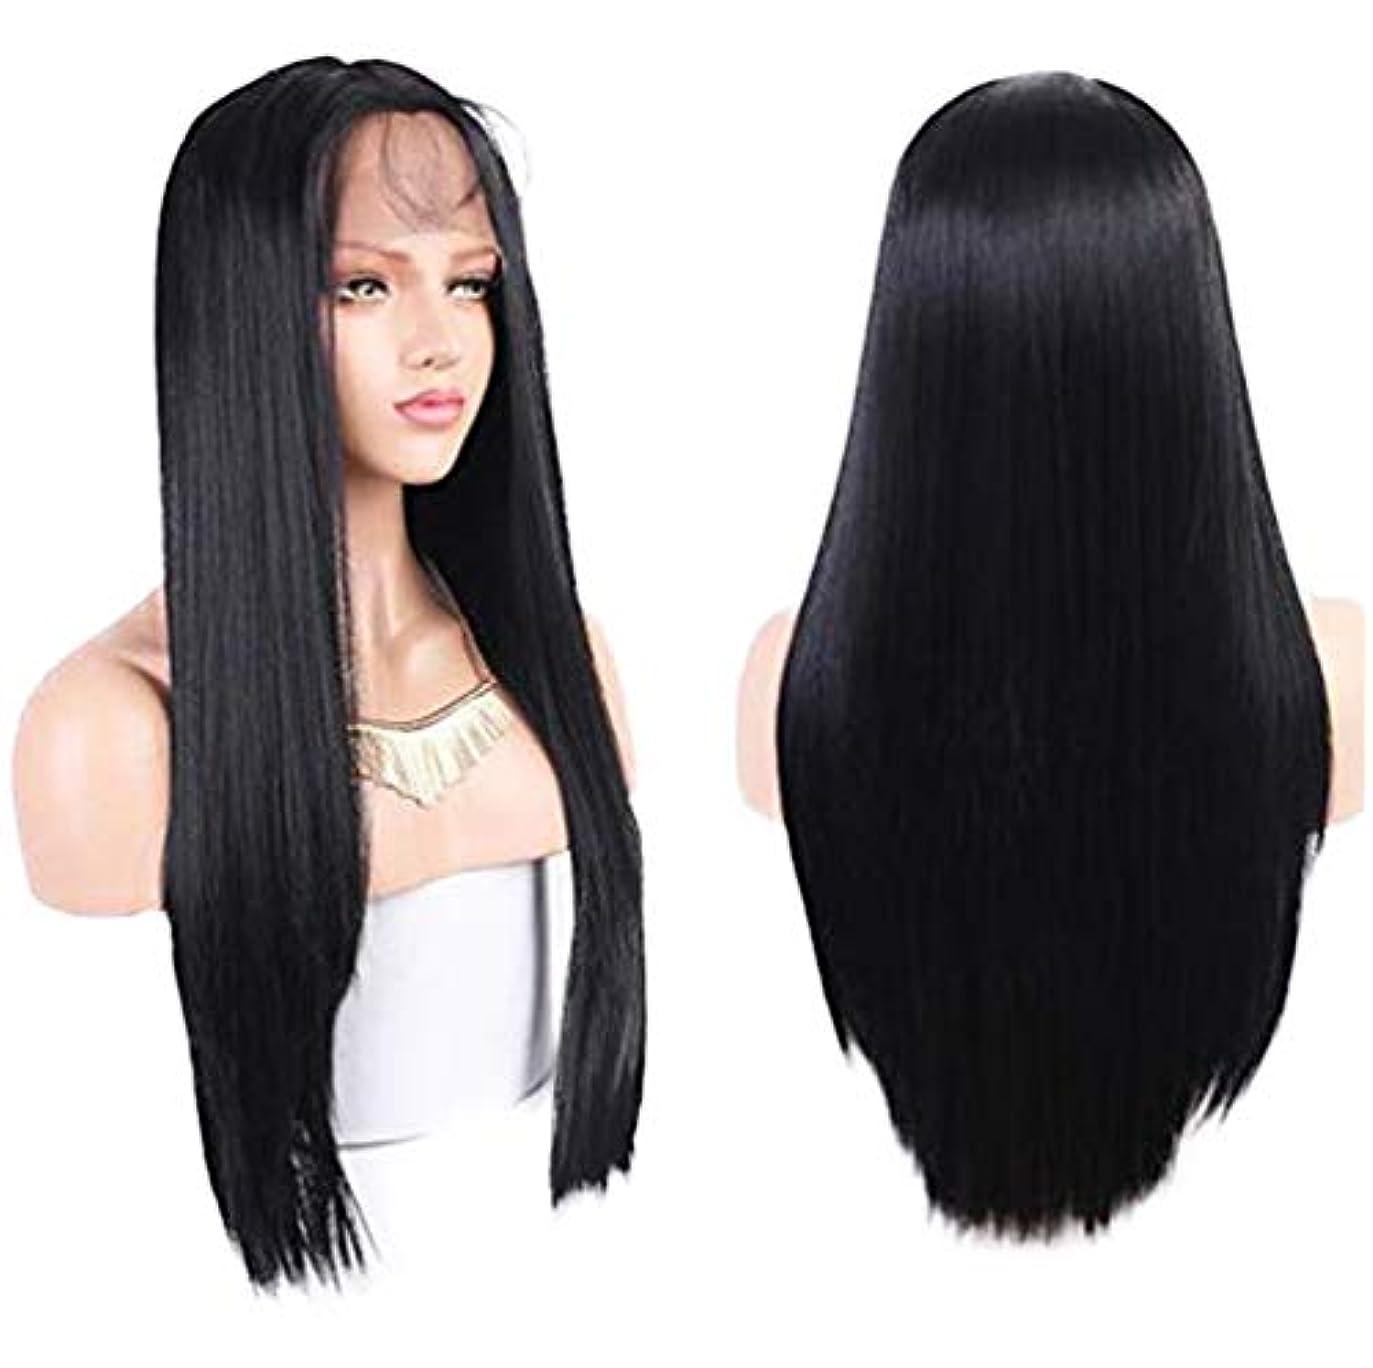 落ち着く厚くする通訳女性レースフロントかつら未処理バージン毛ブラジルレミー人毛ストレート髪レースかつらベビー毛で150%密度